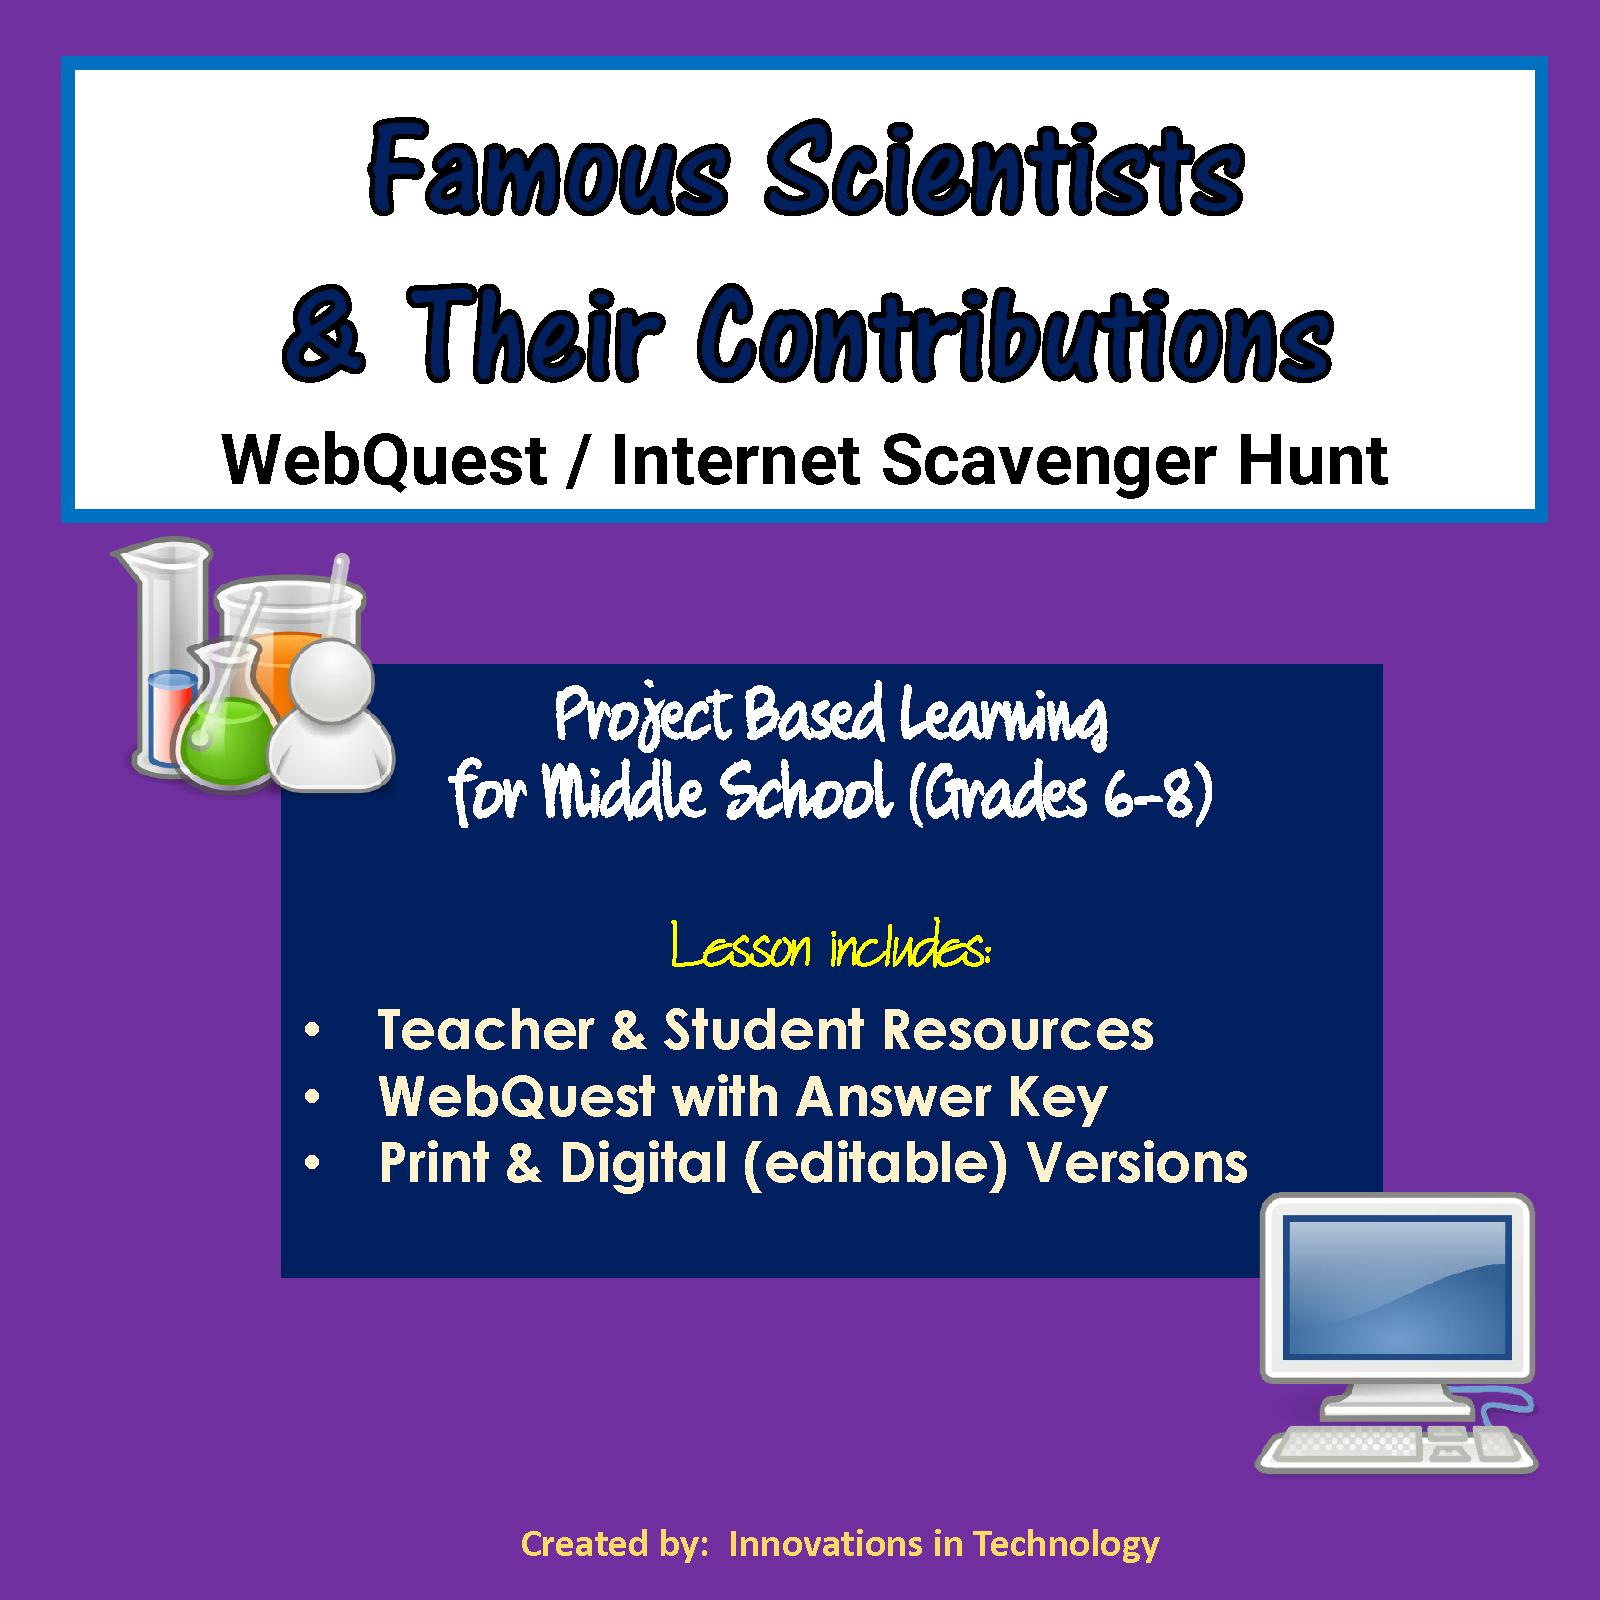 Famous Scientists WebQuest Scavenger Hunt